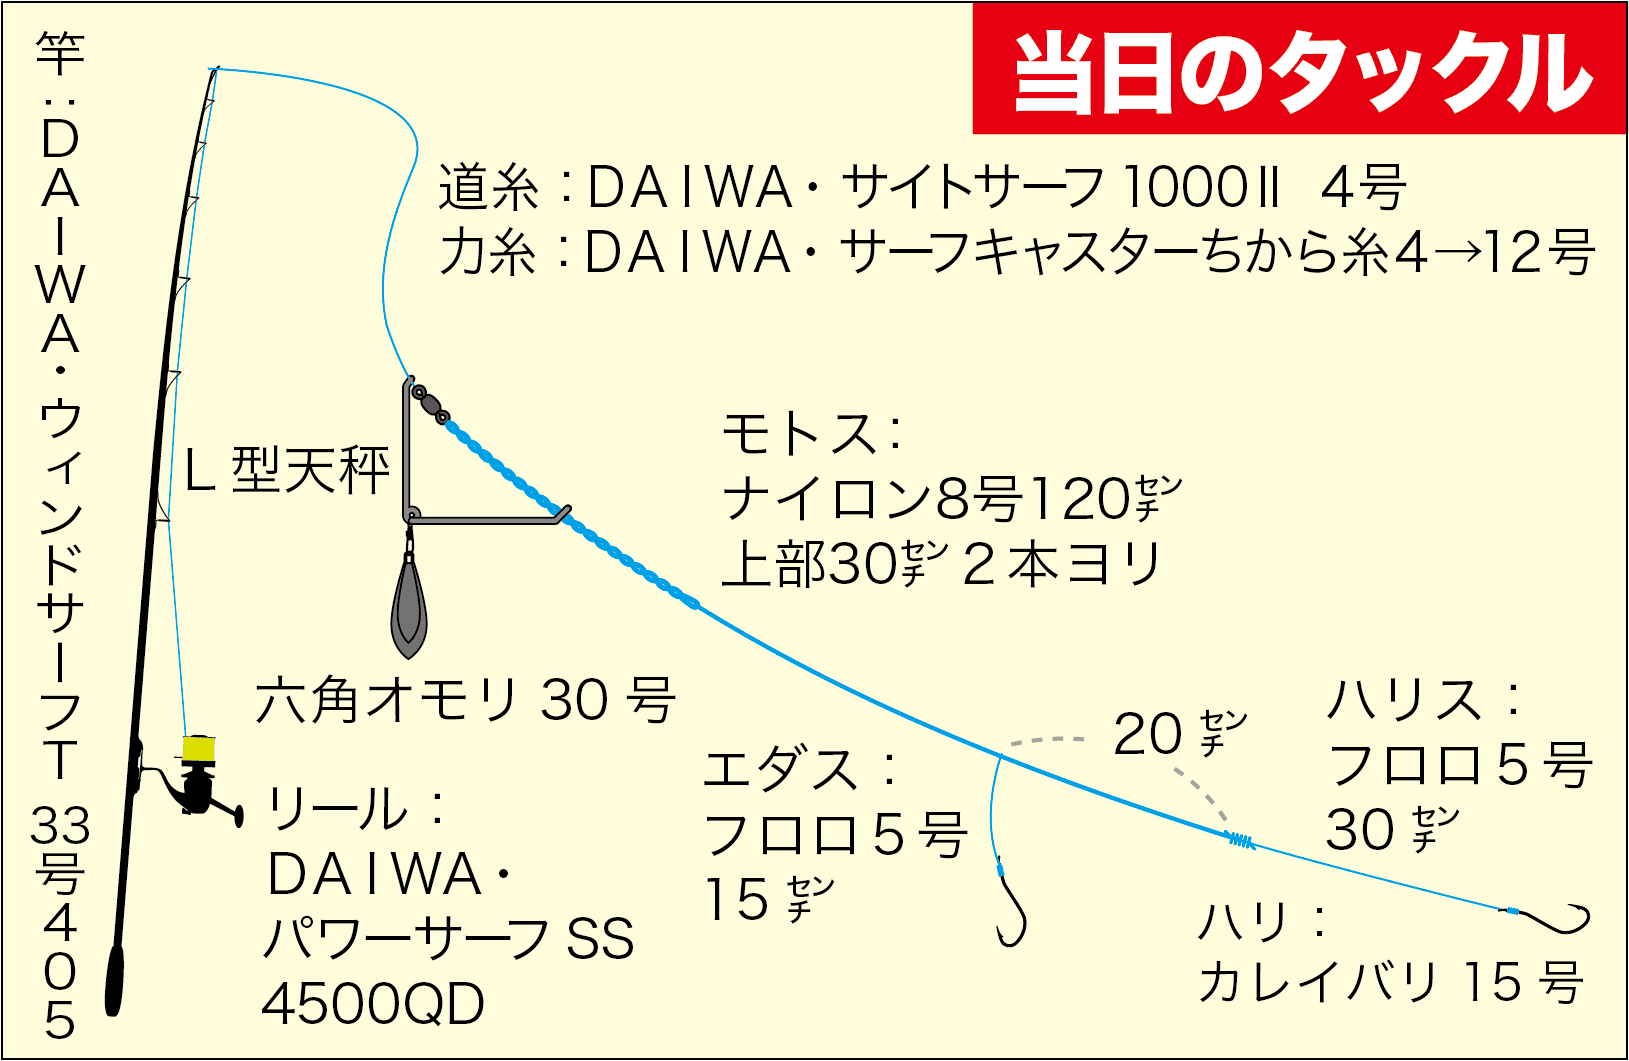 神明〜淡路島投げ釣りカレイ13